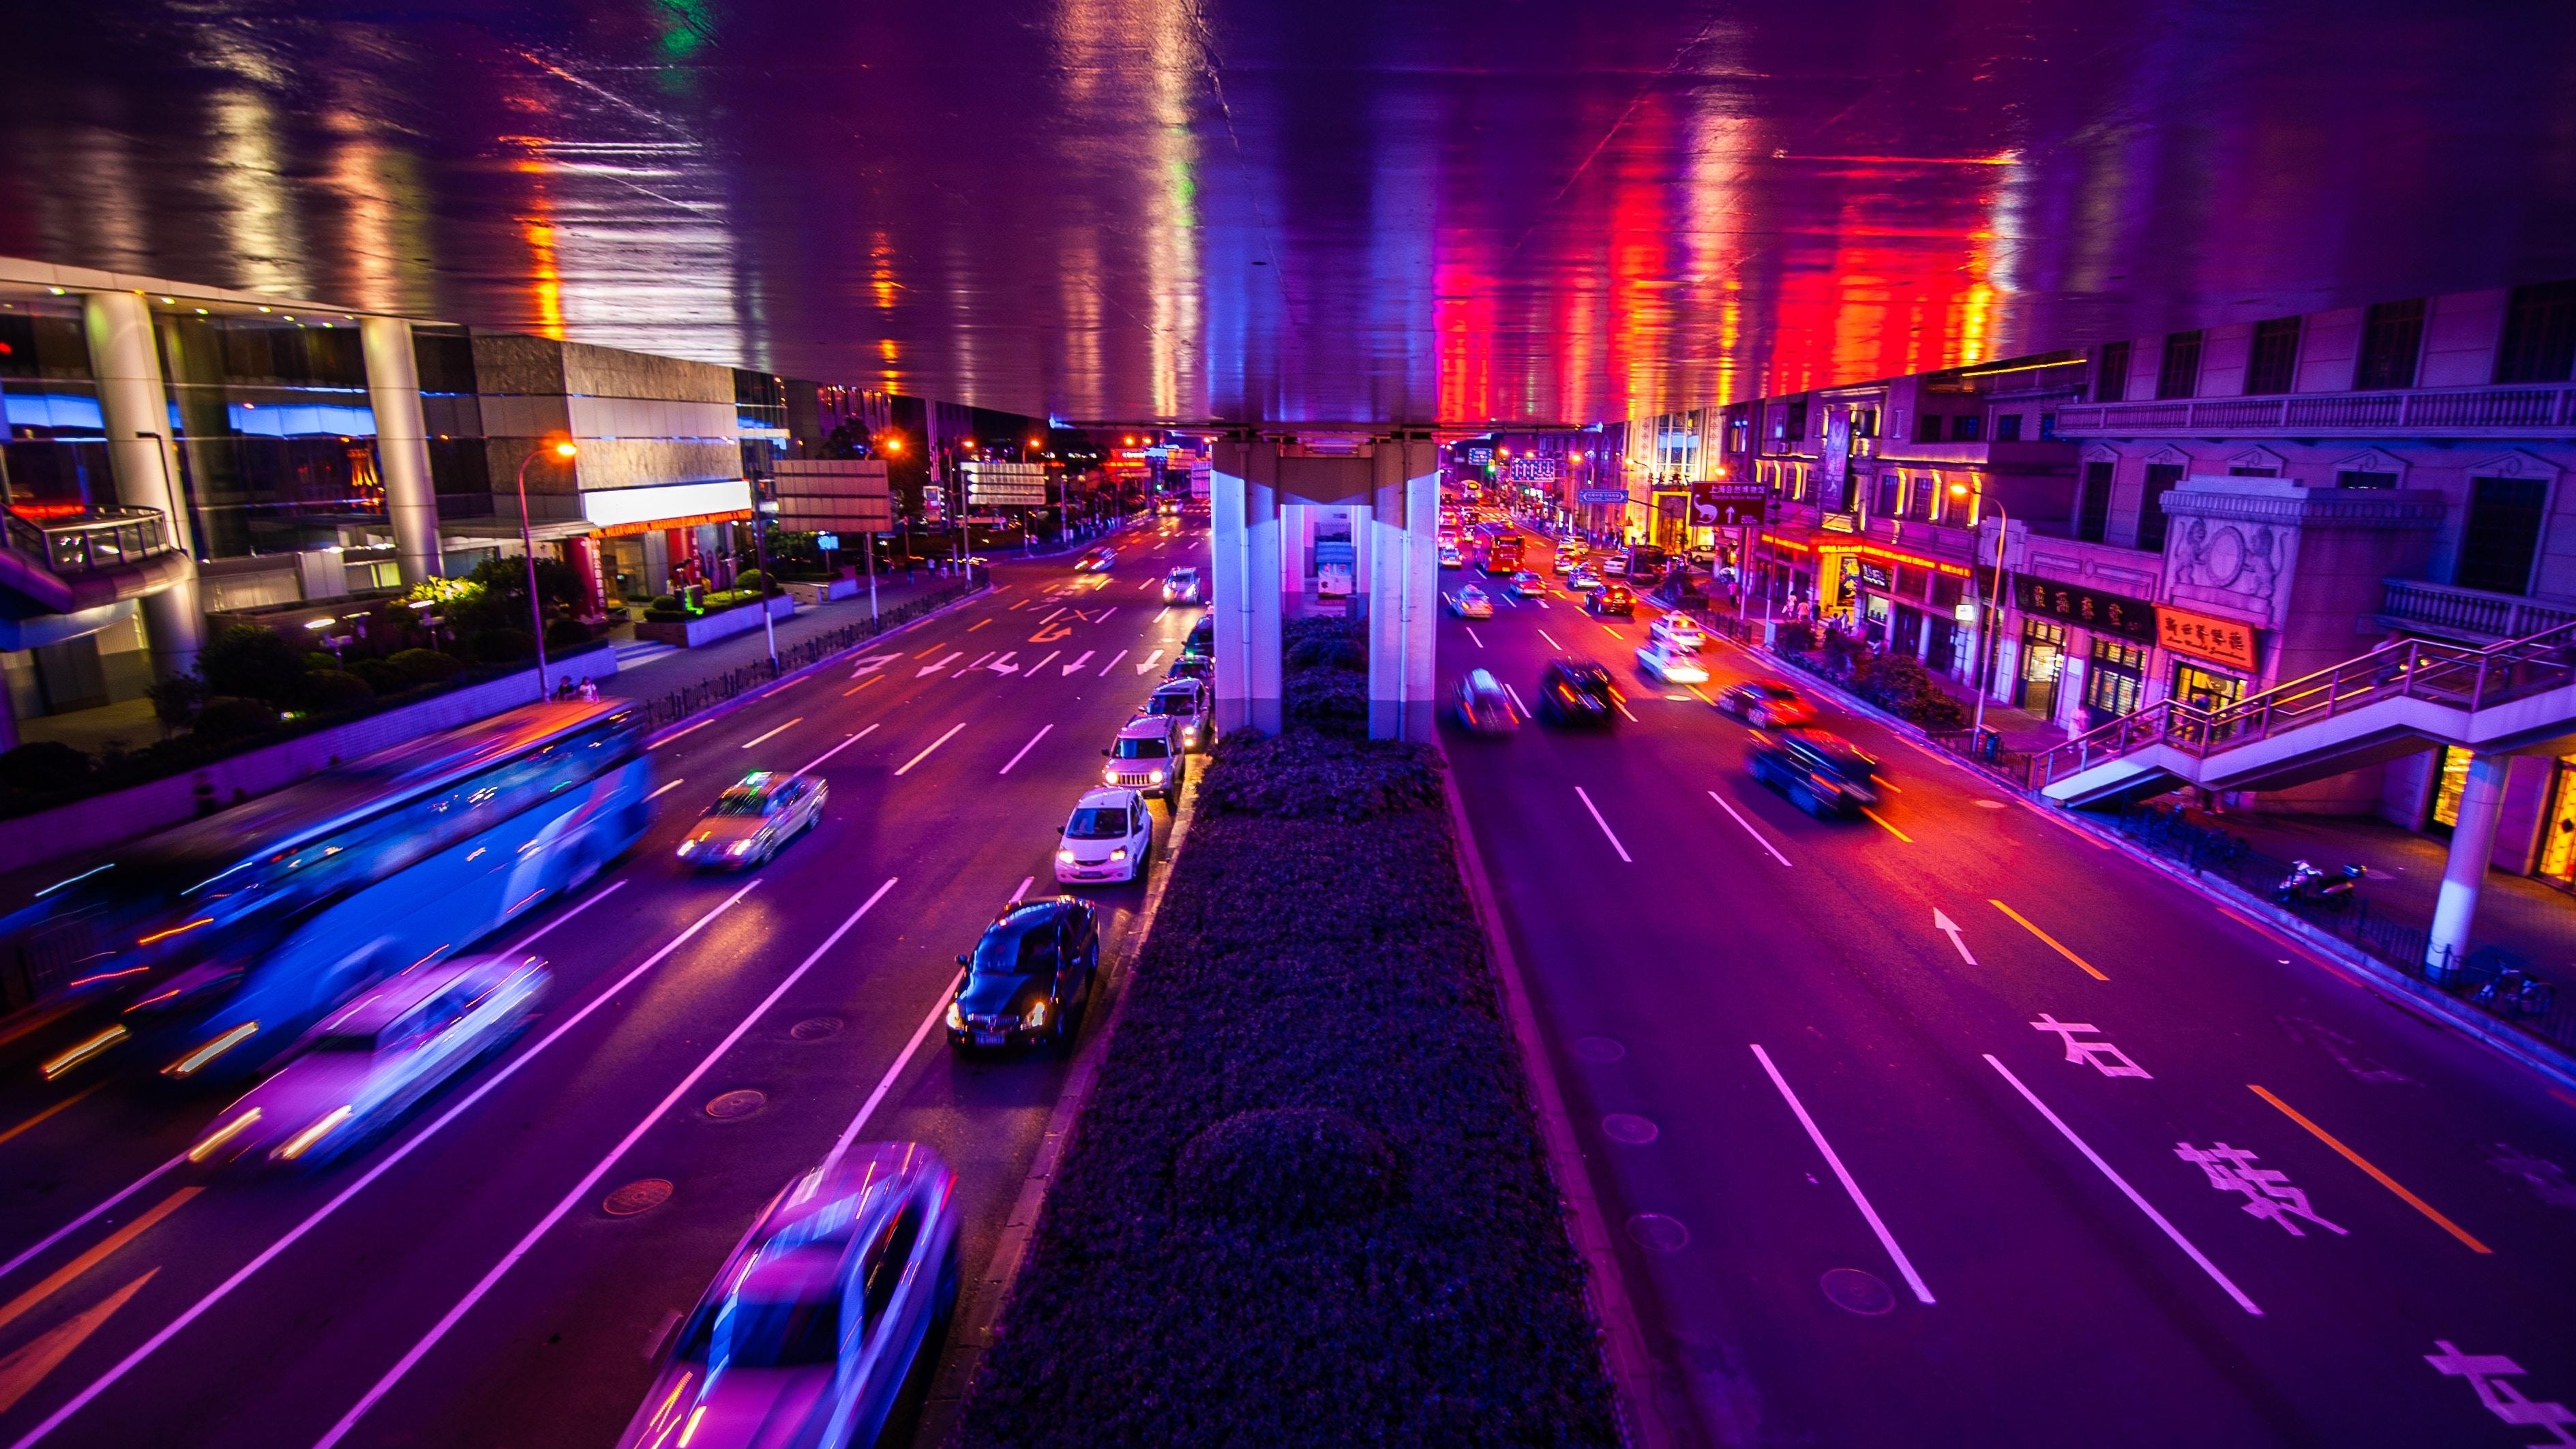 77021 скачать обои Дорога, Город, Ночь, Огни, Города, Машины - заставки и картинки бесплатно